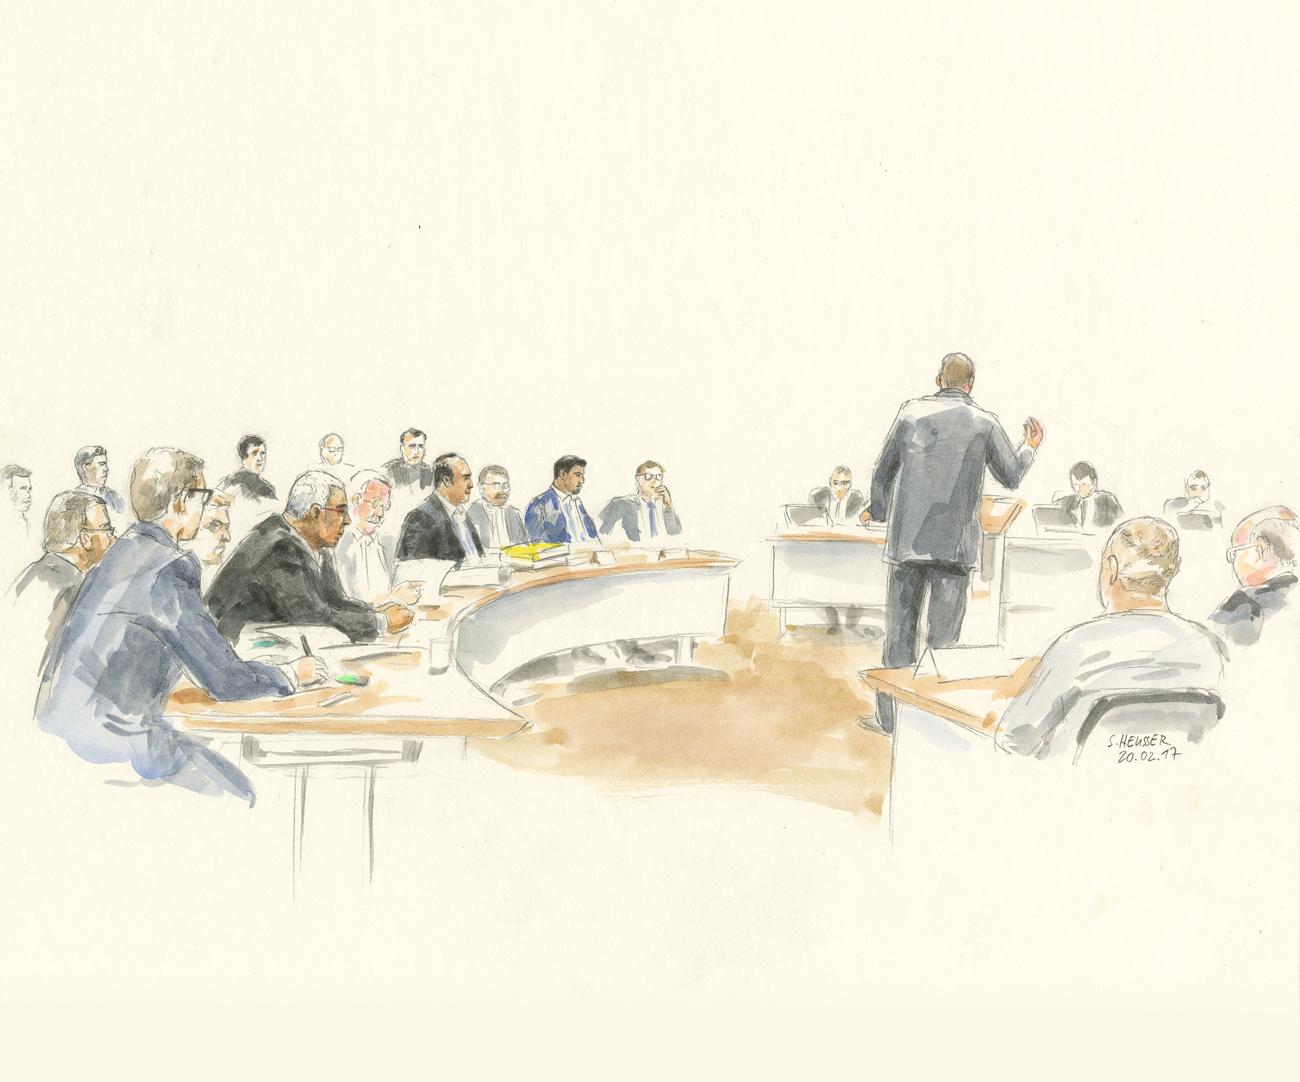 Die 14 Angeklagten sitzend und ein Verteidiger stehend